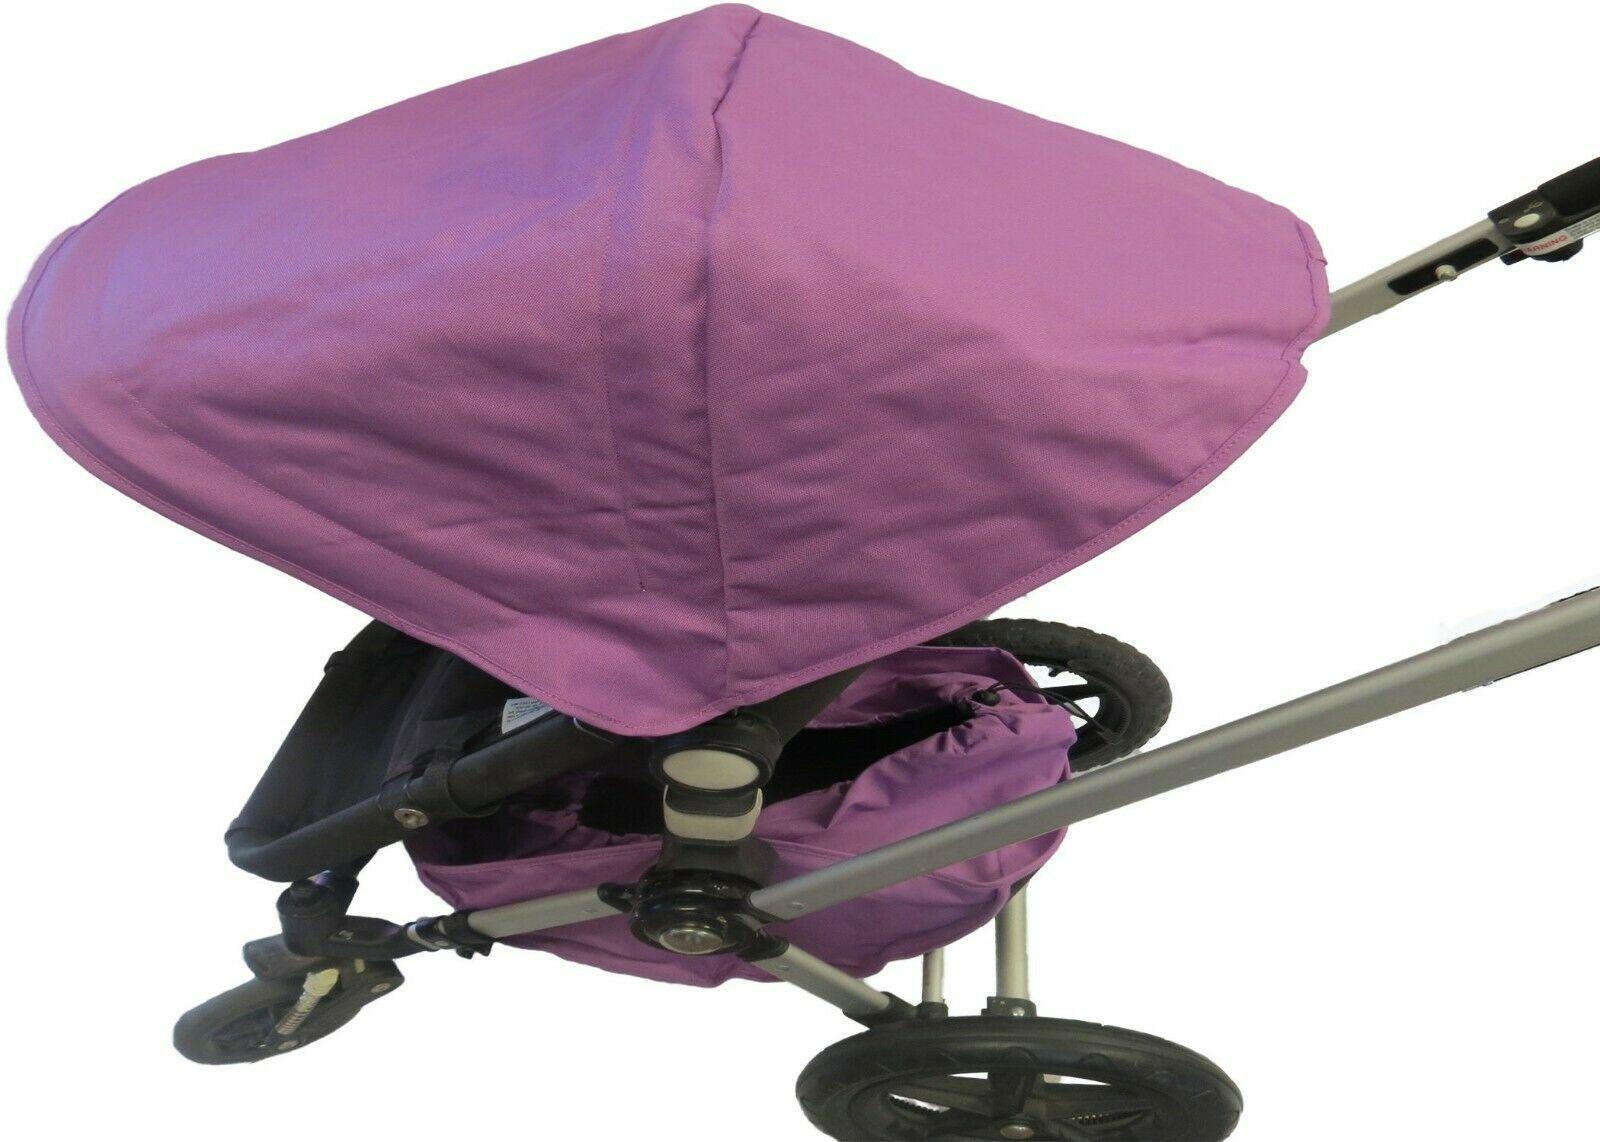 Bugaboo Cameleon 1,2,3 Baby Stroller Underseat Storage Bag Basket sand Fits Frog